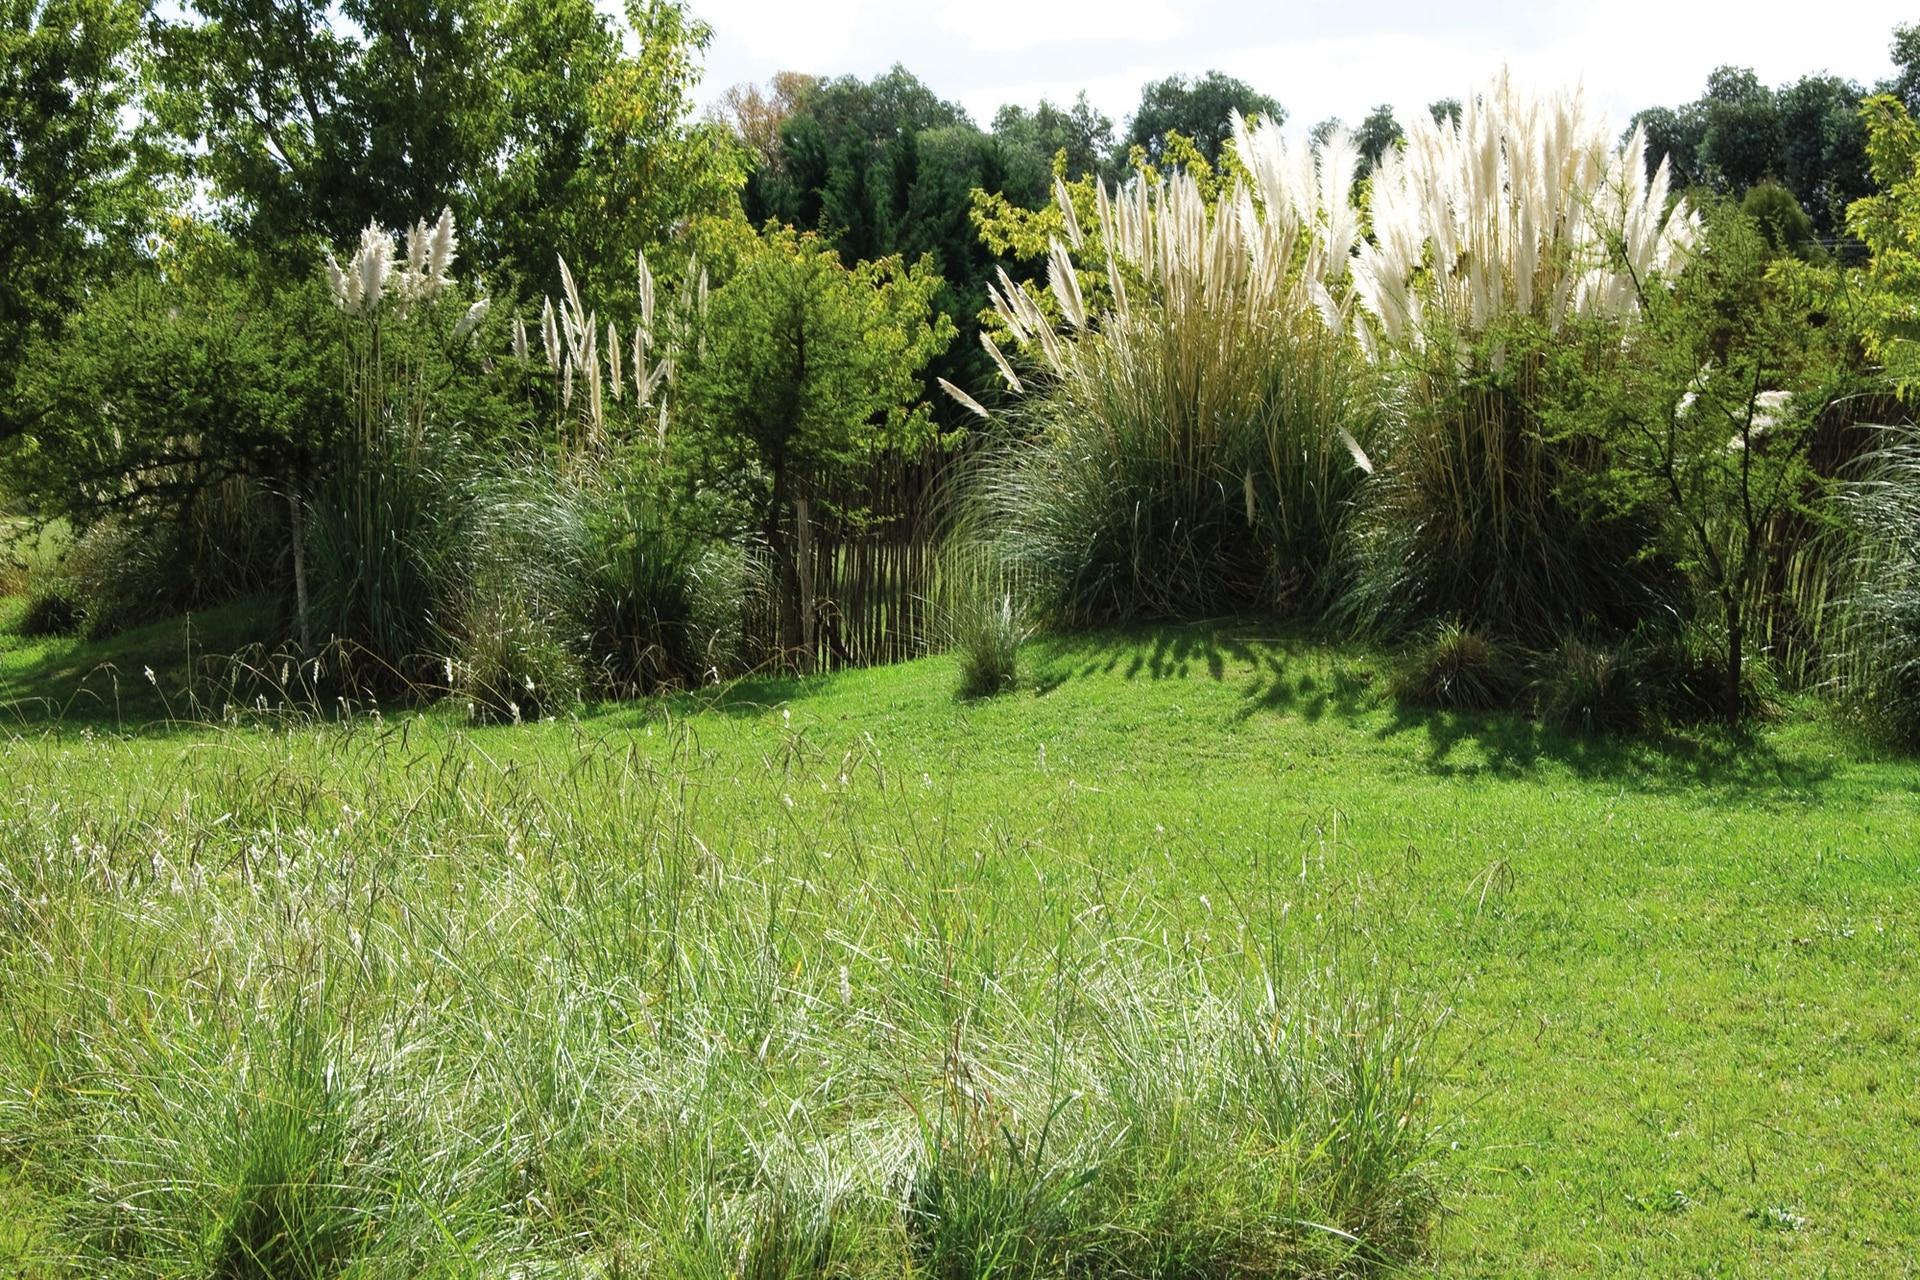 Las plantas locales cultivadas en los sitios adecuados no presentan enfermedades o plagas relevantes que desmejoren su aspecto ni hagan correr riesgo a las plantaciones, lo que las vuelve más recomendables para espacios diseñados.